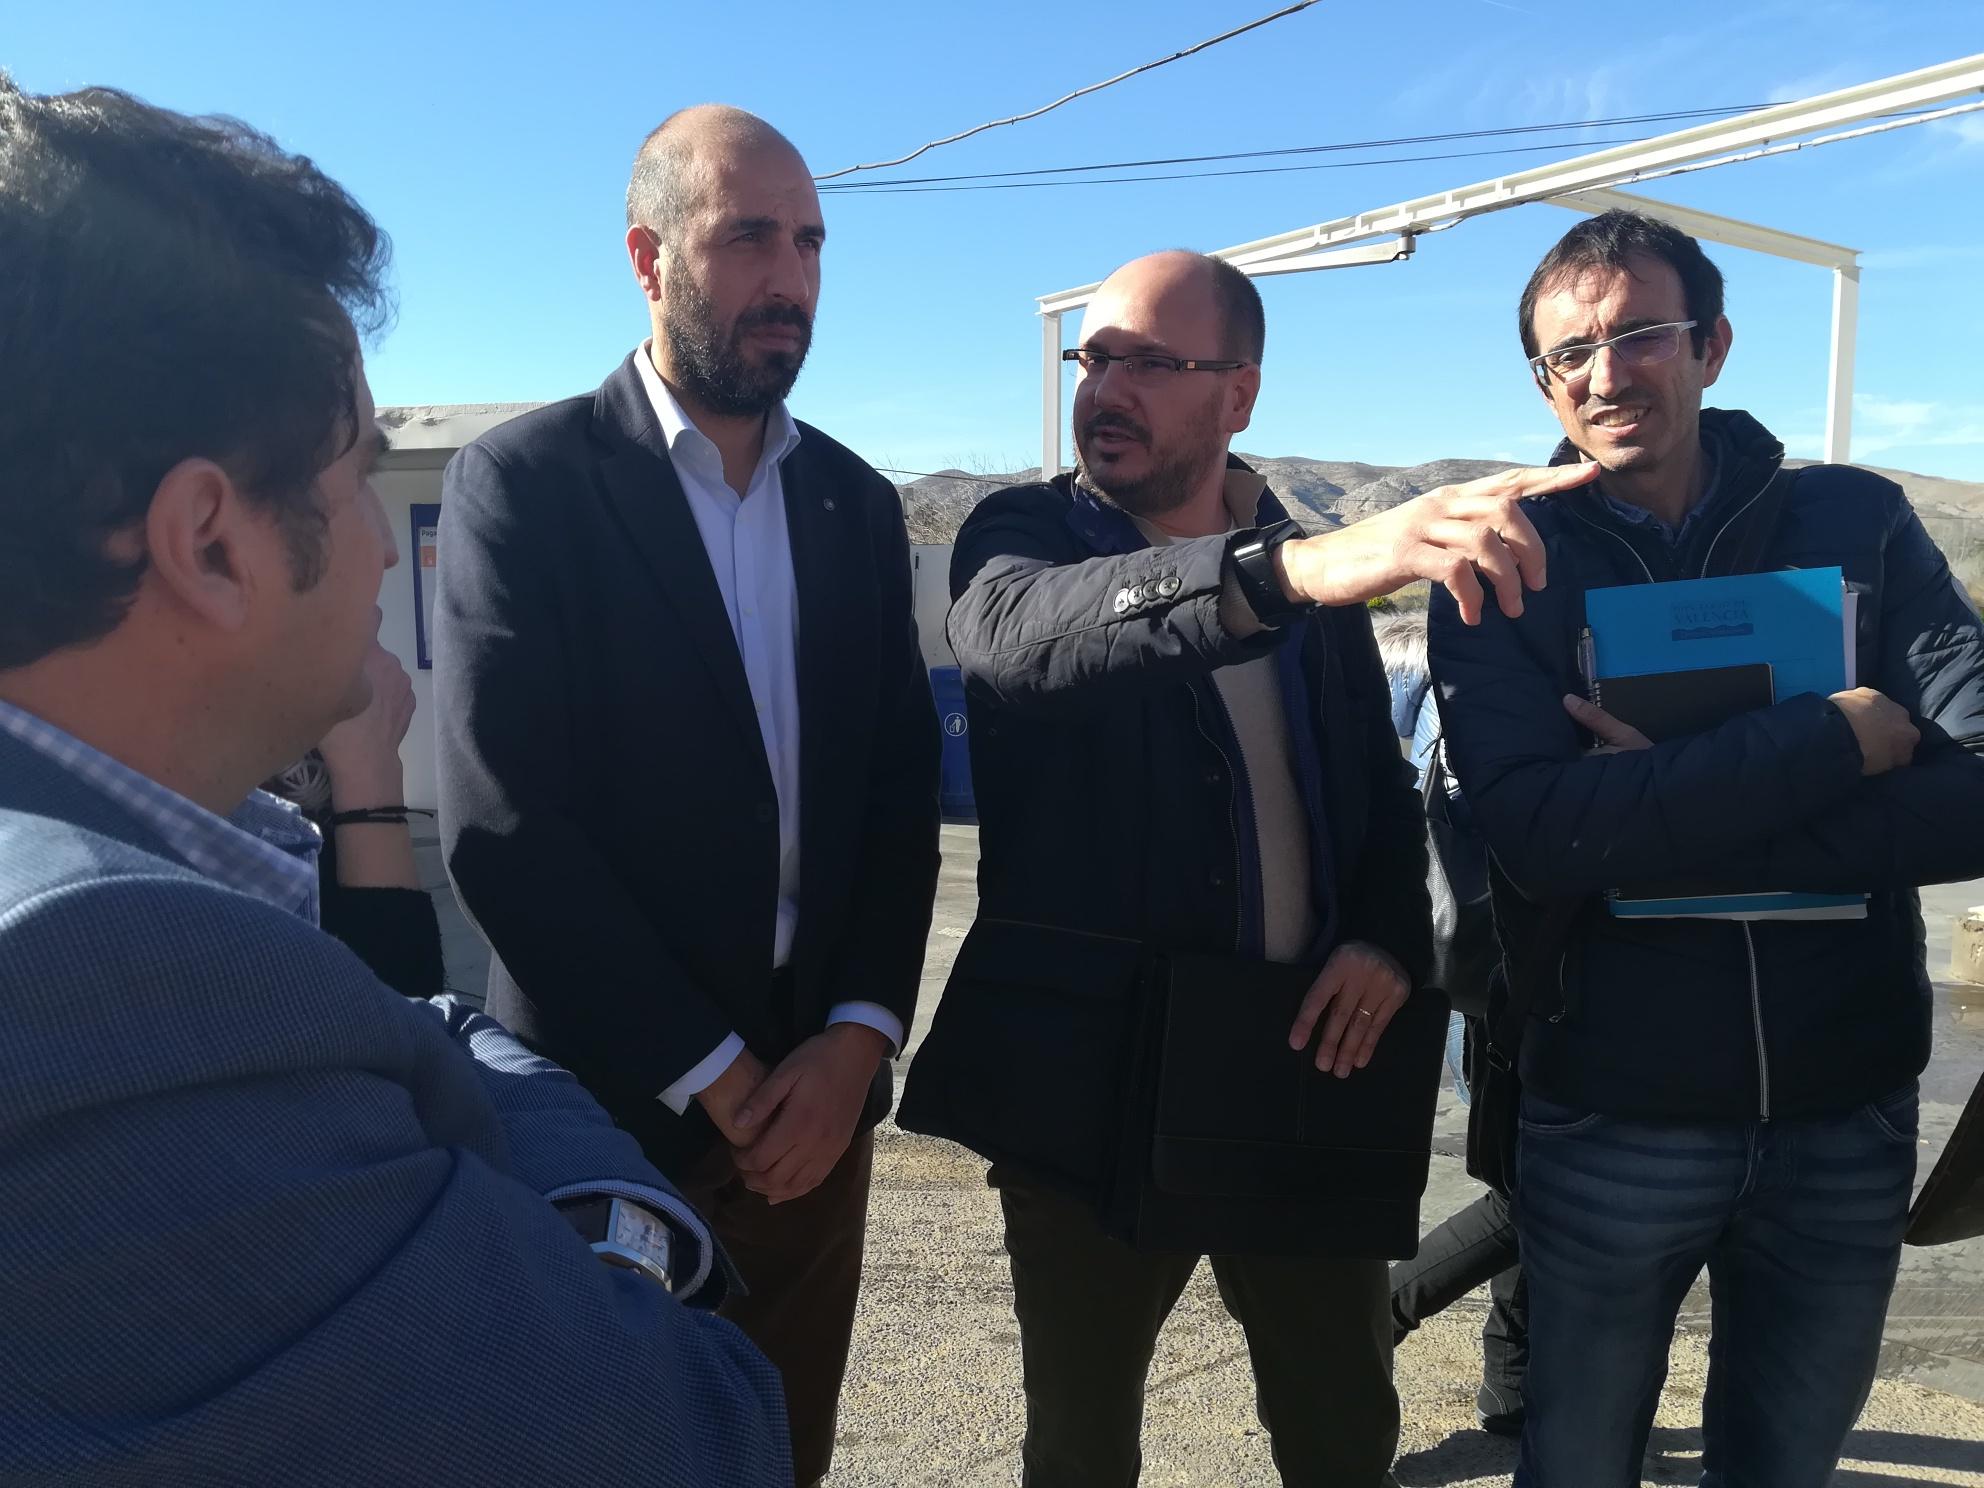 La Diputació de València refuerza la seguridad vial en Pedralba mientras se resuelve el PORN de la conselleria.